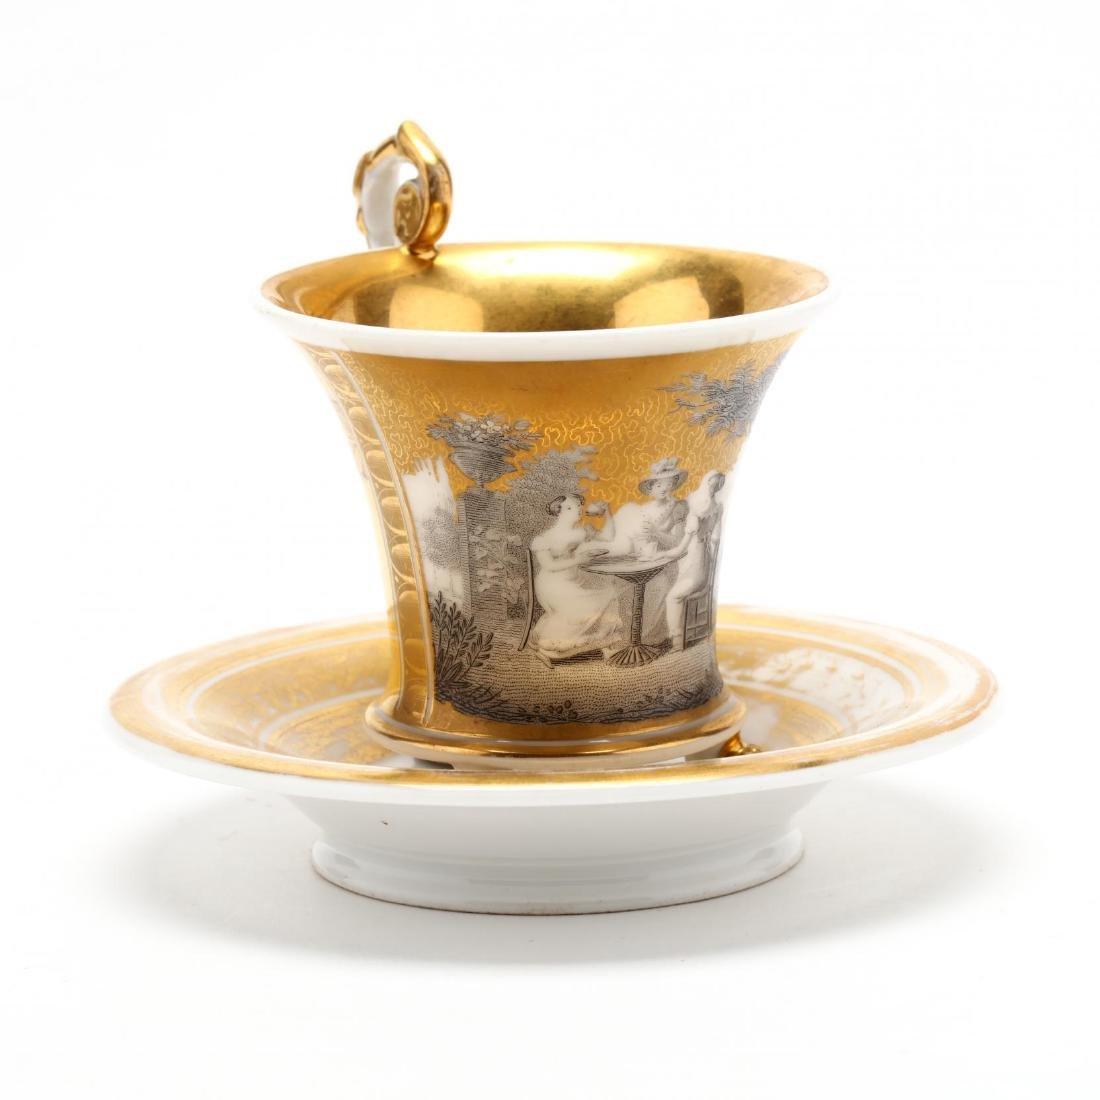 Paris Porcelain Cup and Saucer